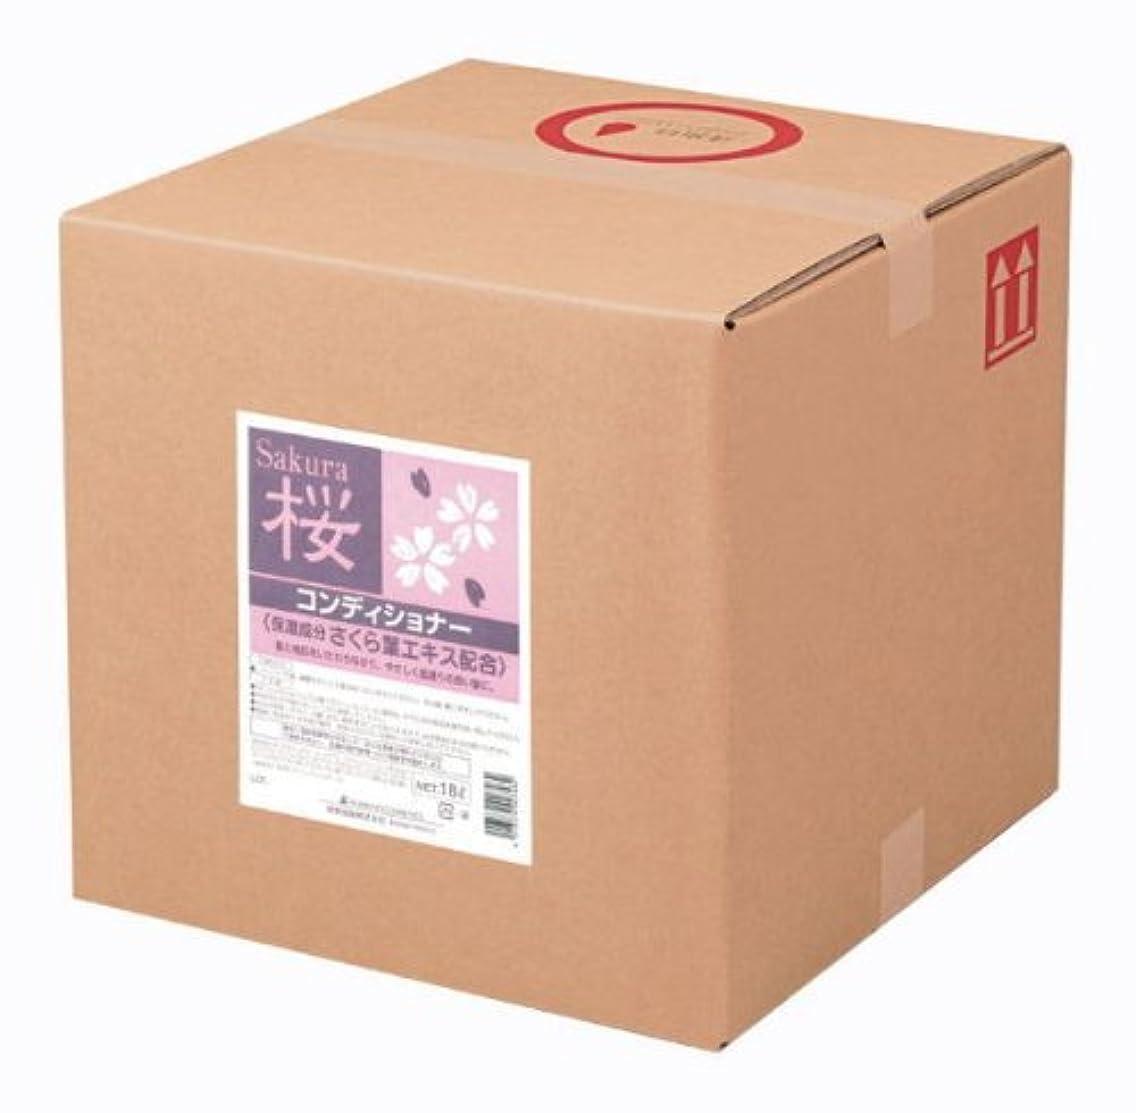 傾斜オークション静かに熊野油脂 業務用 桜 コンディショナー 18L